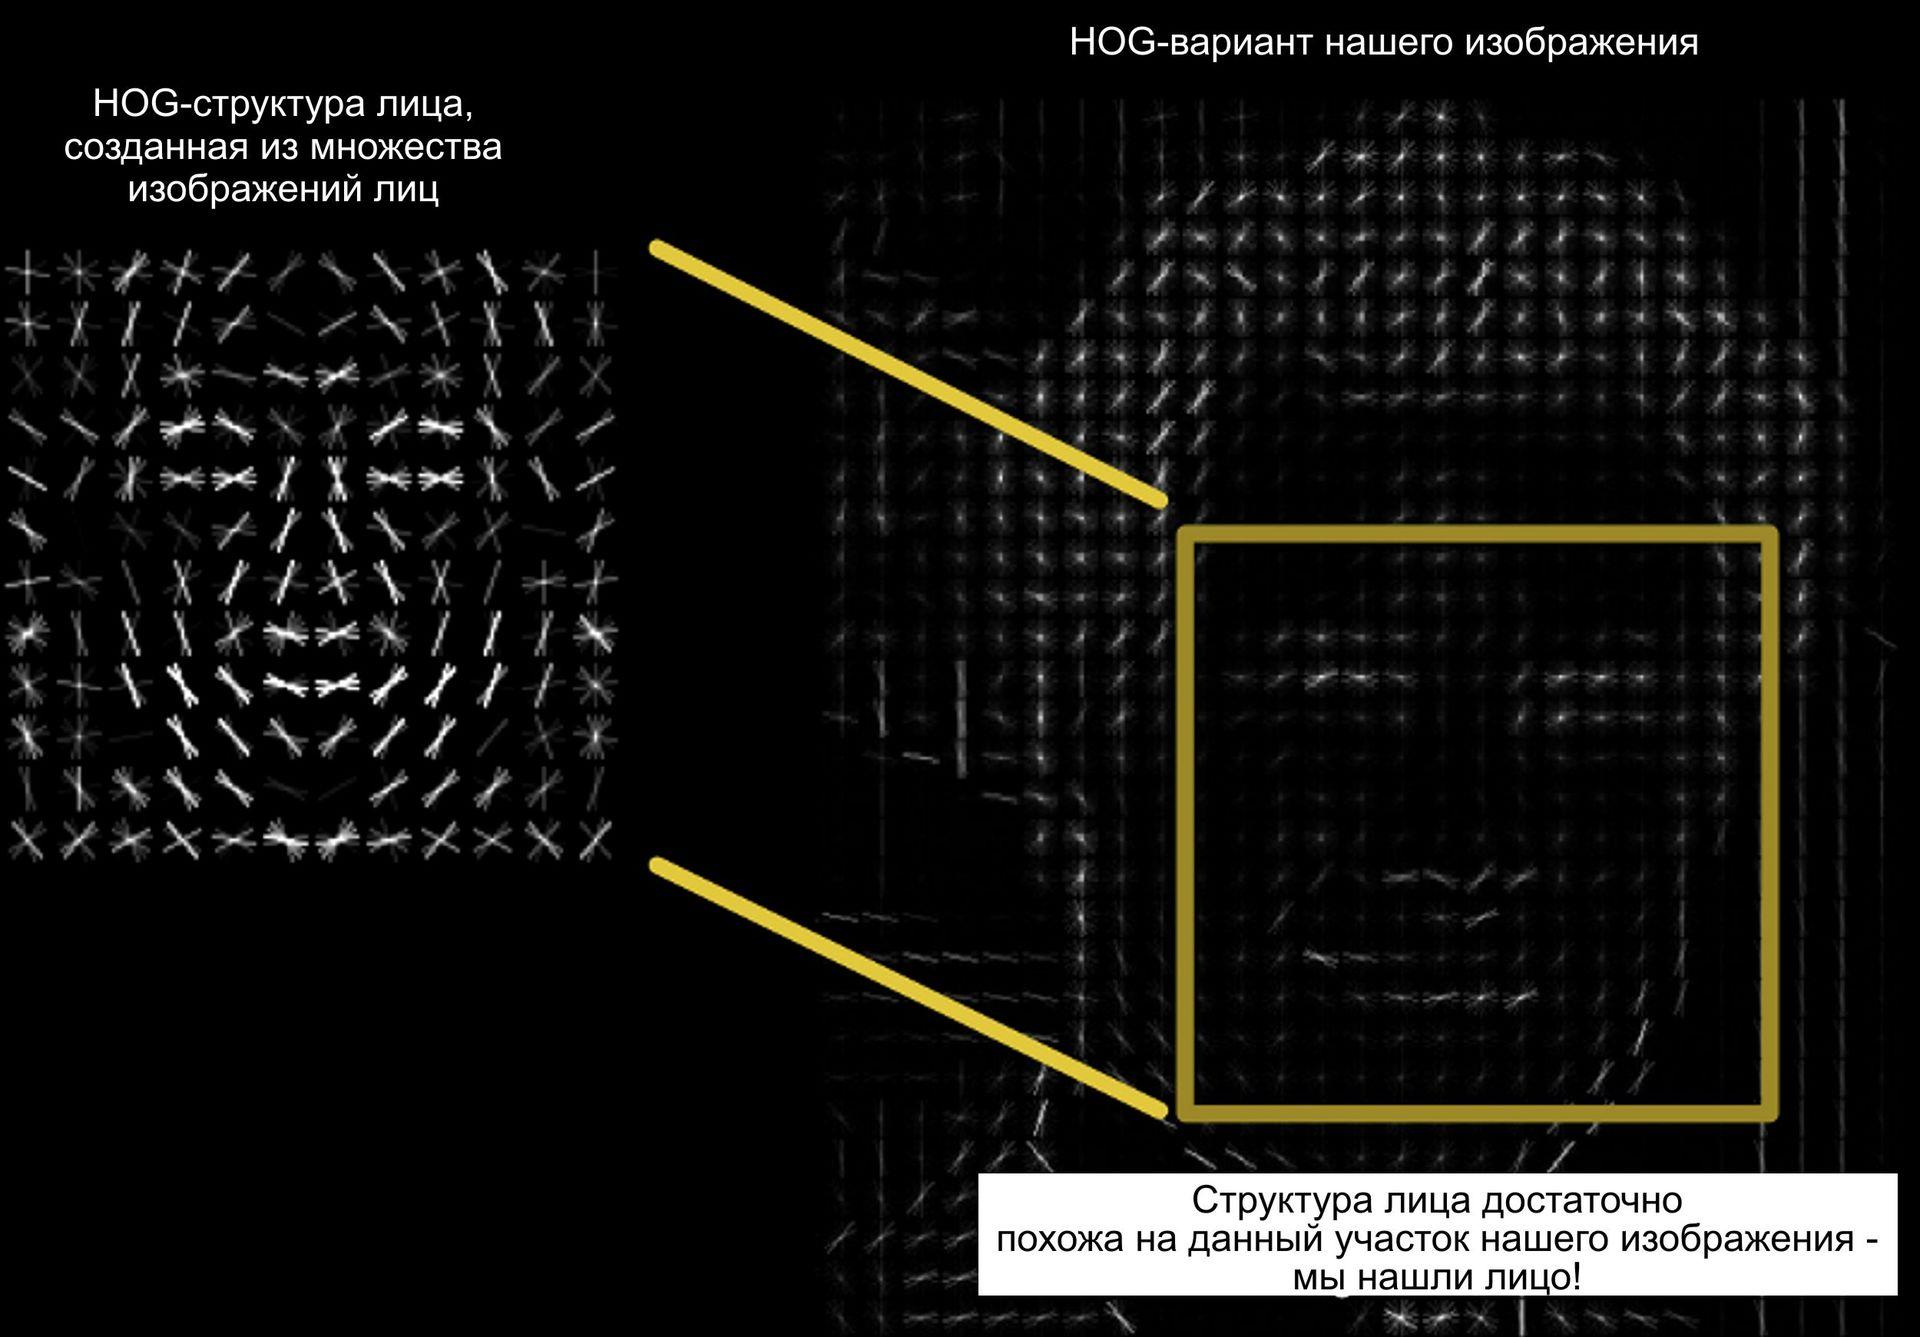 Обучение машины — забавная штука: современное распознавание лиц с глубинным обучением - 11